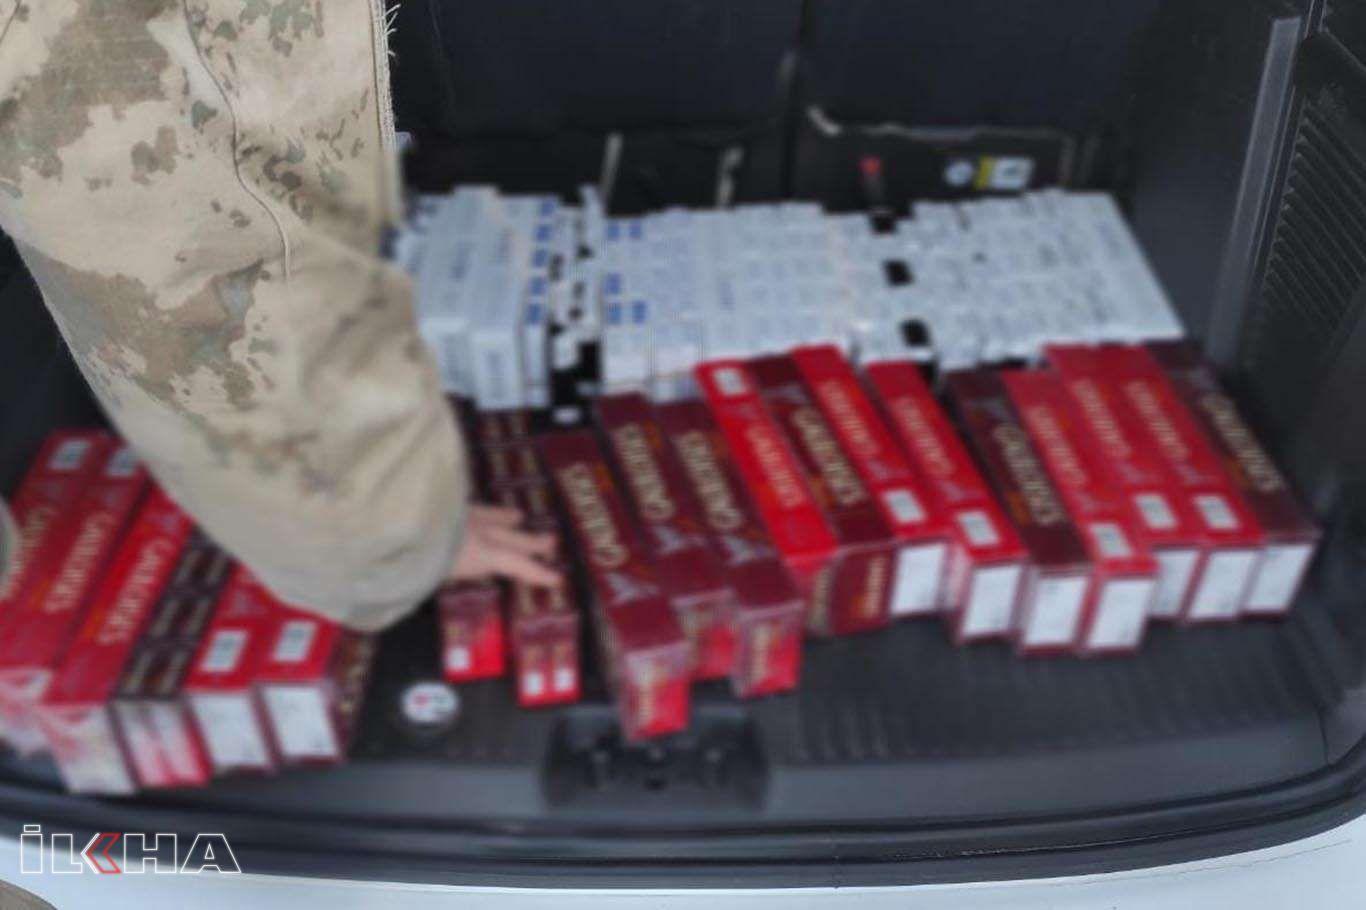 Mardin'de 450 paket gümrük kaçağı sigara ele geçirildi